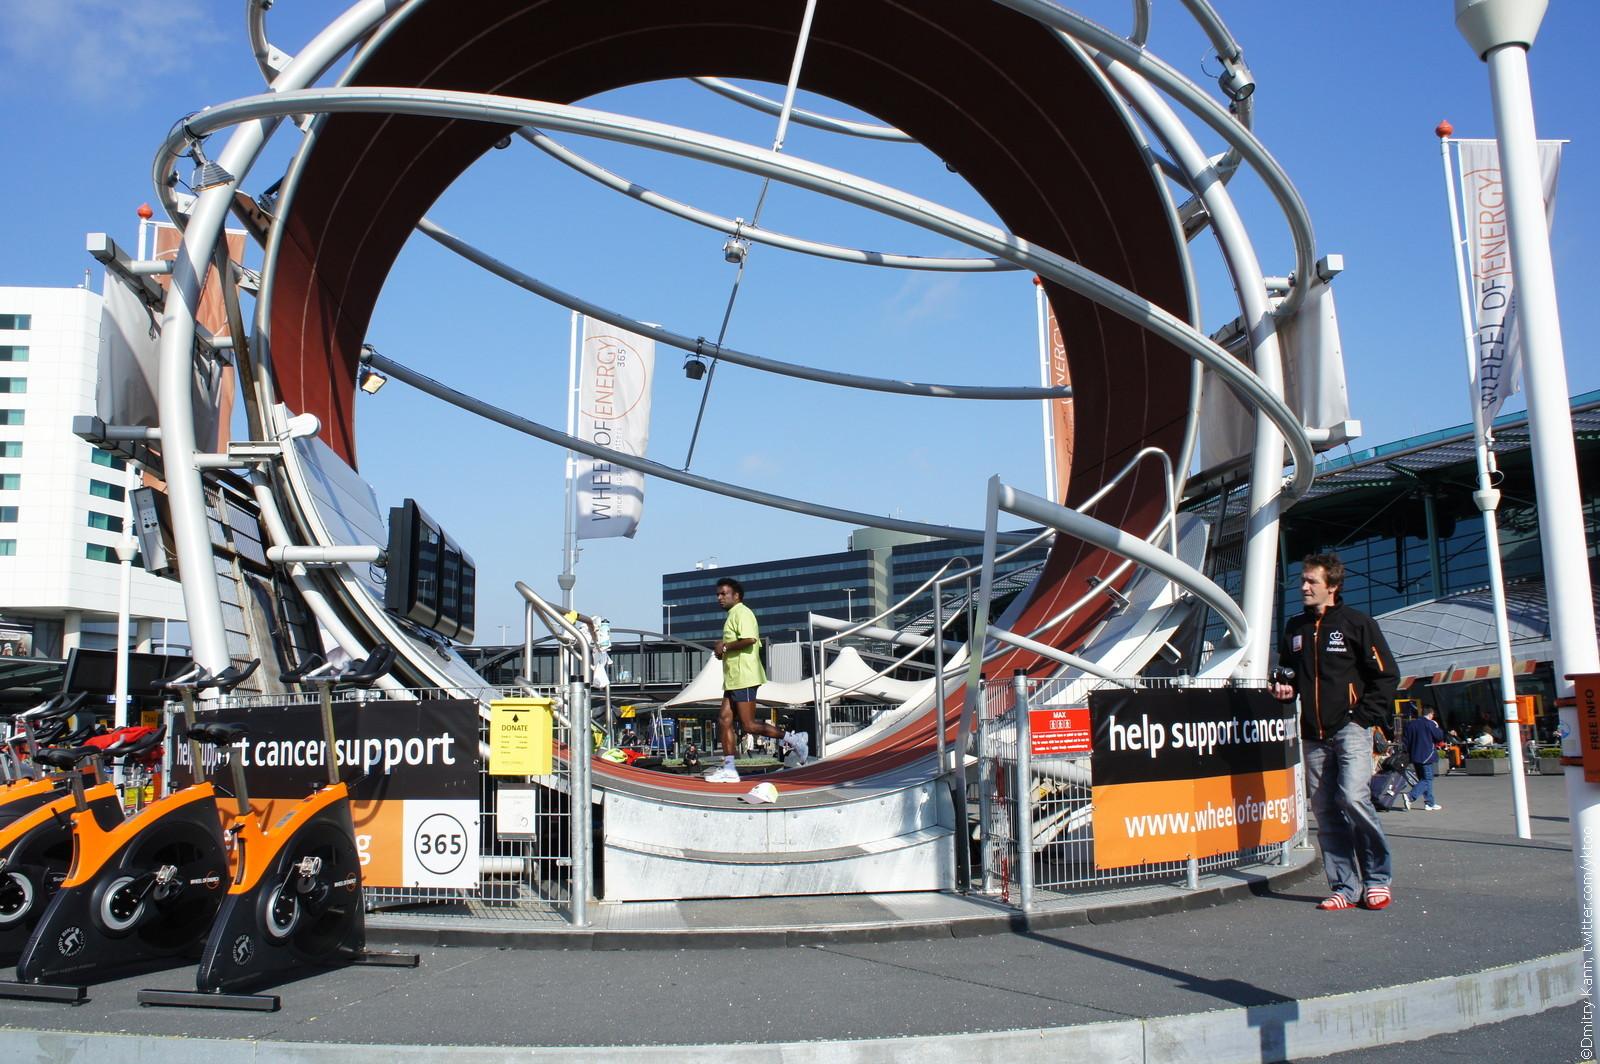 Wheel of Energy 365